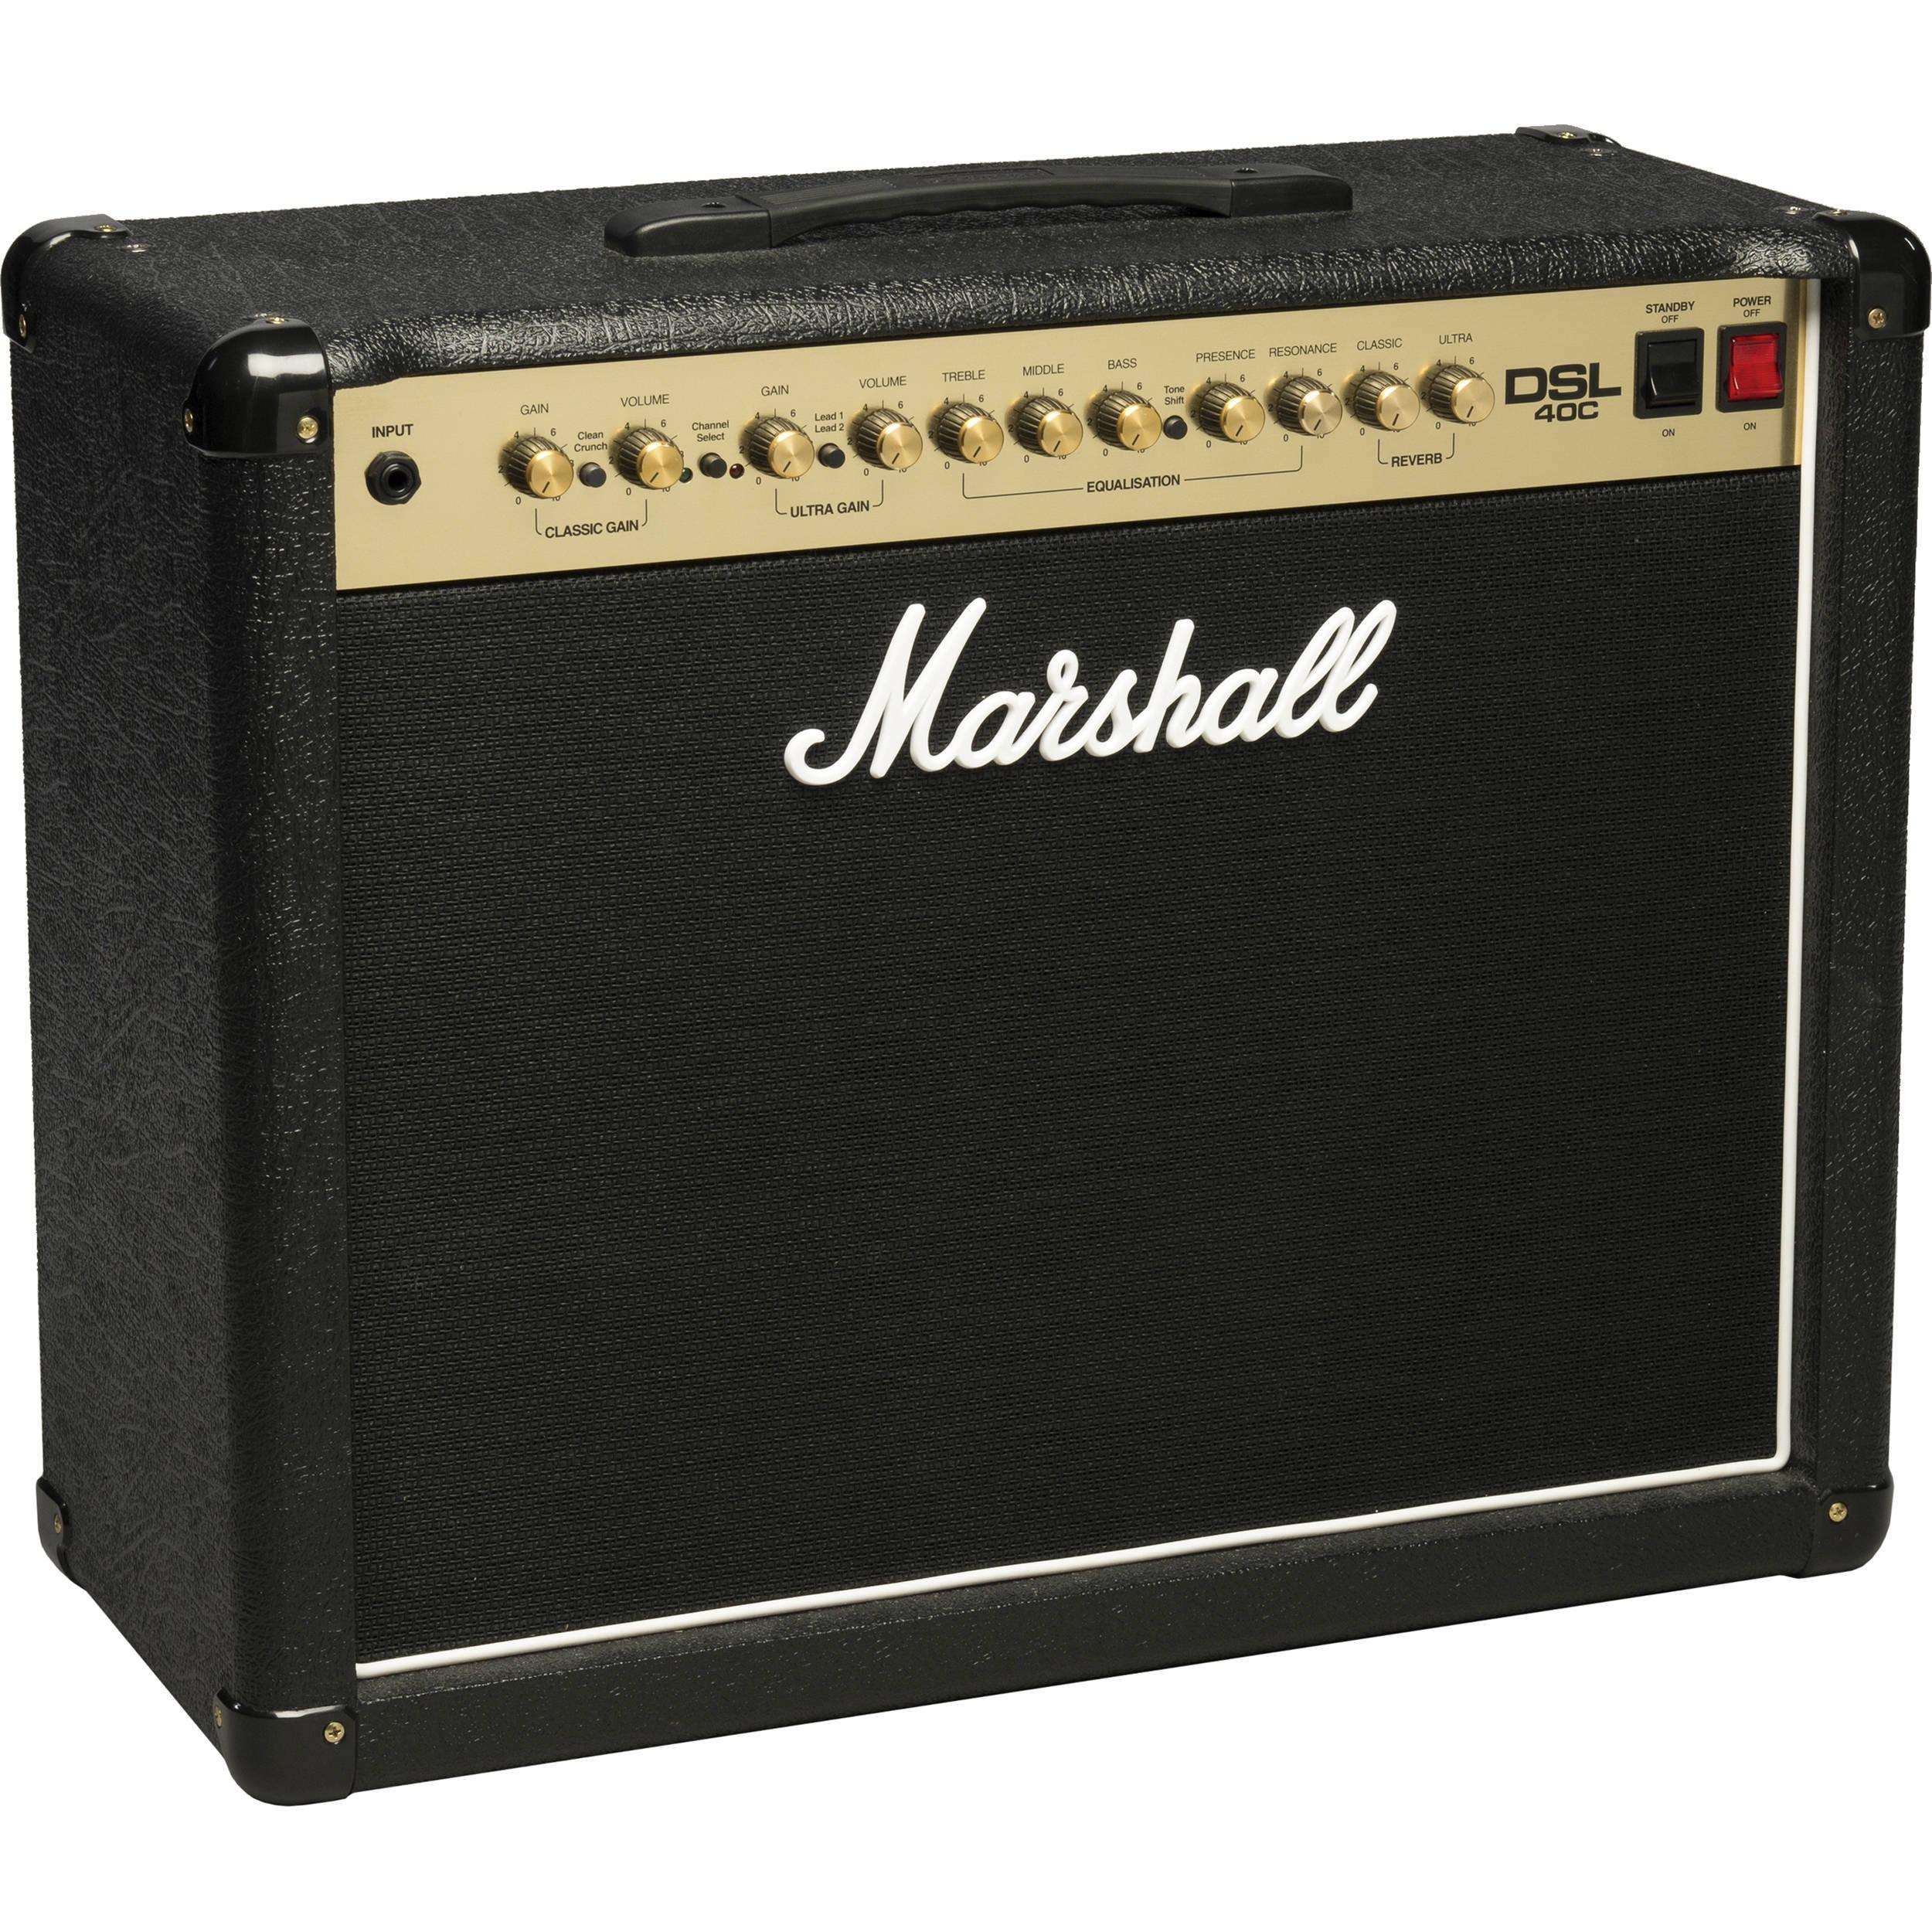 marshall amplification dsl40c 2 channel valve combo dsl40c b h. Black Bedroom Furniture Sets. Home Design Ideas